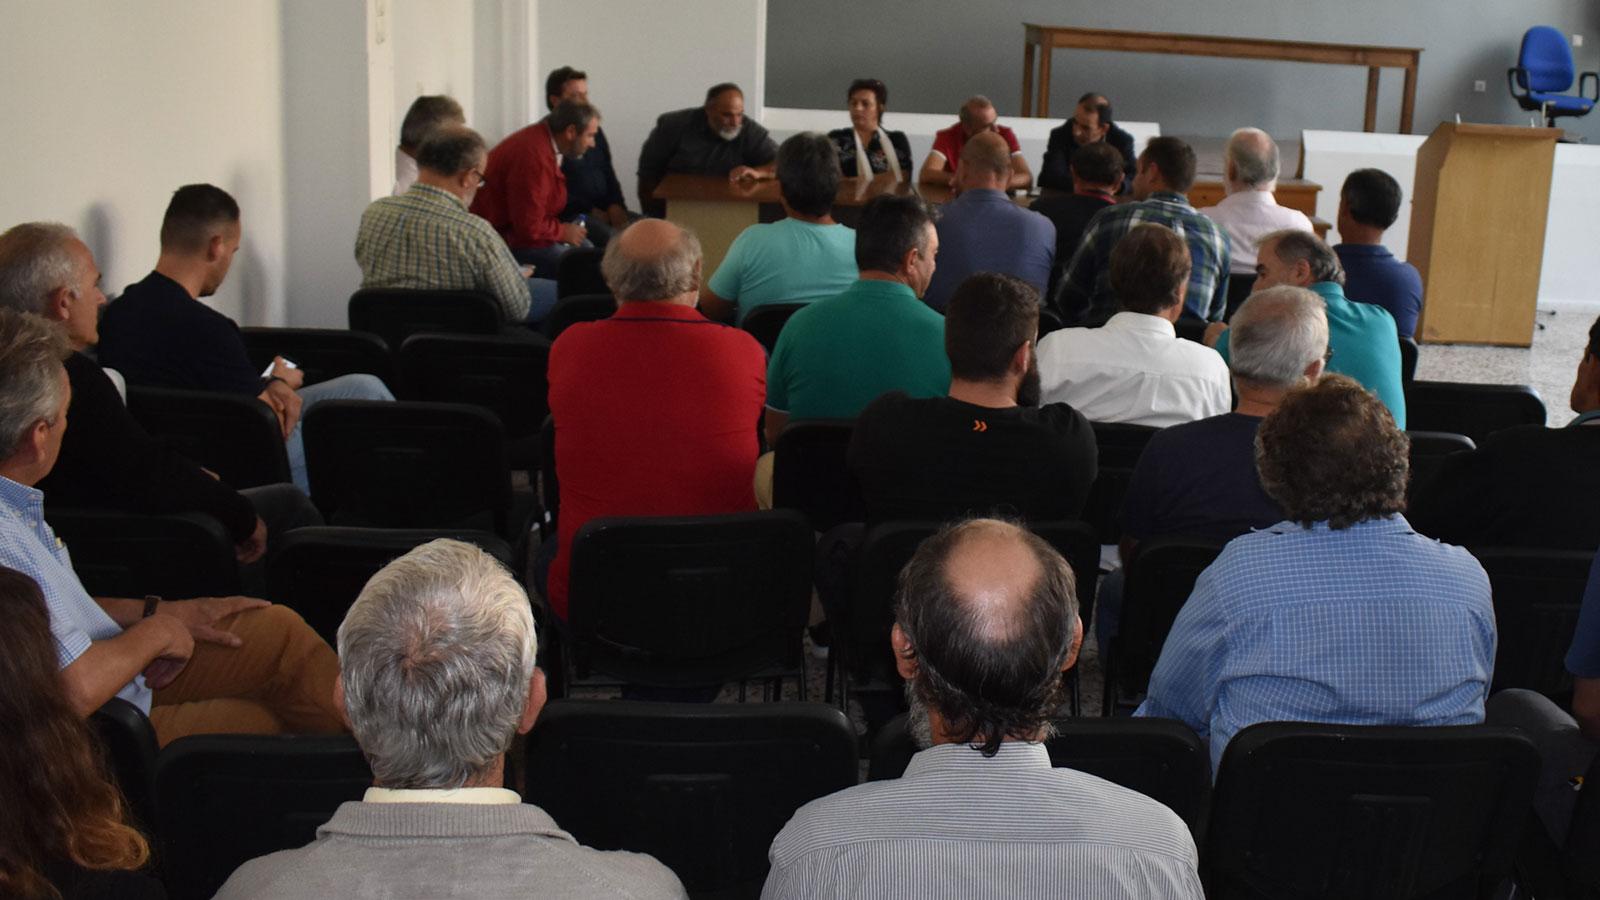 ΠΑΝΕΛΛΑΔΙΚΗ ΕΠΙΤΡΟΠΗ ΜΠΛΟΚΩΝ: Με μεγάλη συμμετοχή η διευρυμένη συνεδρίαση της Γραμματείας της Επιτροπής